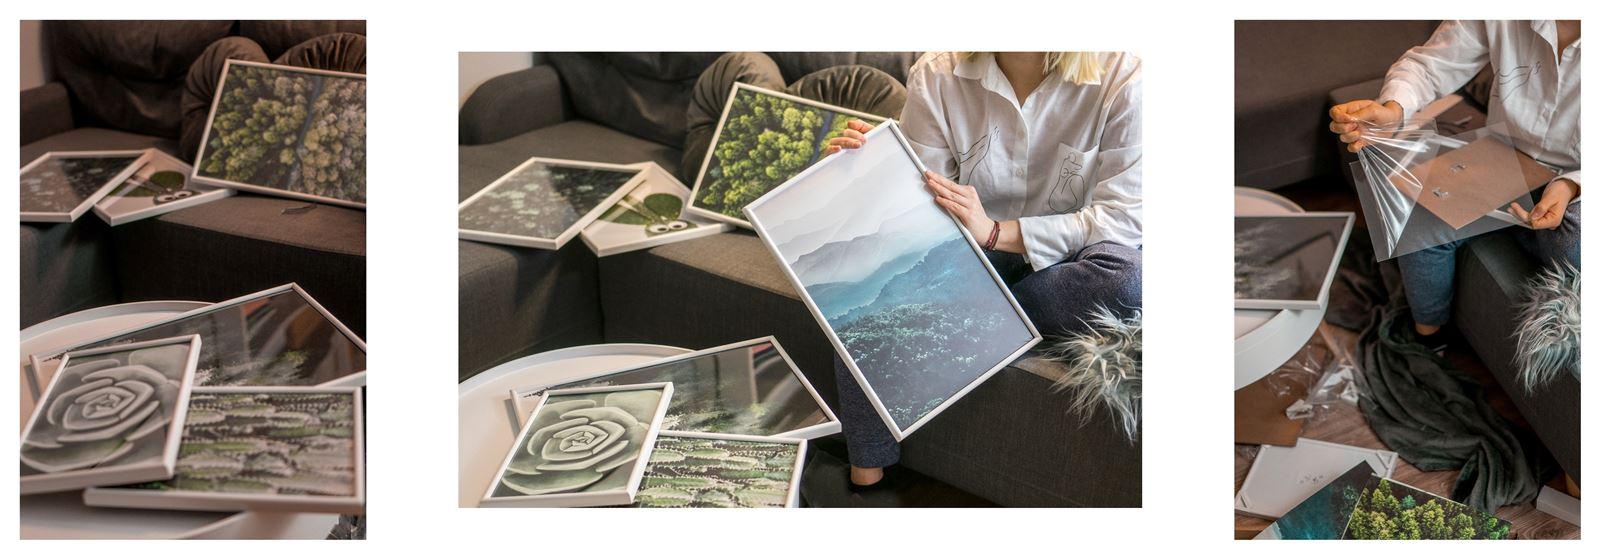 5A jak urządzić biuro w domu - dekoracje do biura, zielona ściana w mieszkaniu, jak zaprojektować galerię plakatów, plakaty krajobrazy rośliny na ścianę jak zawiesić obraz na ścianie plakaty z zielenią